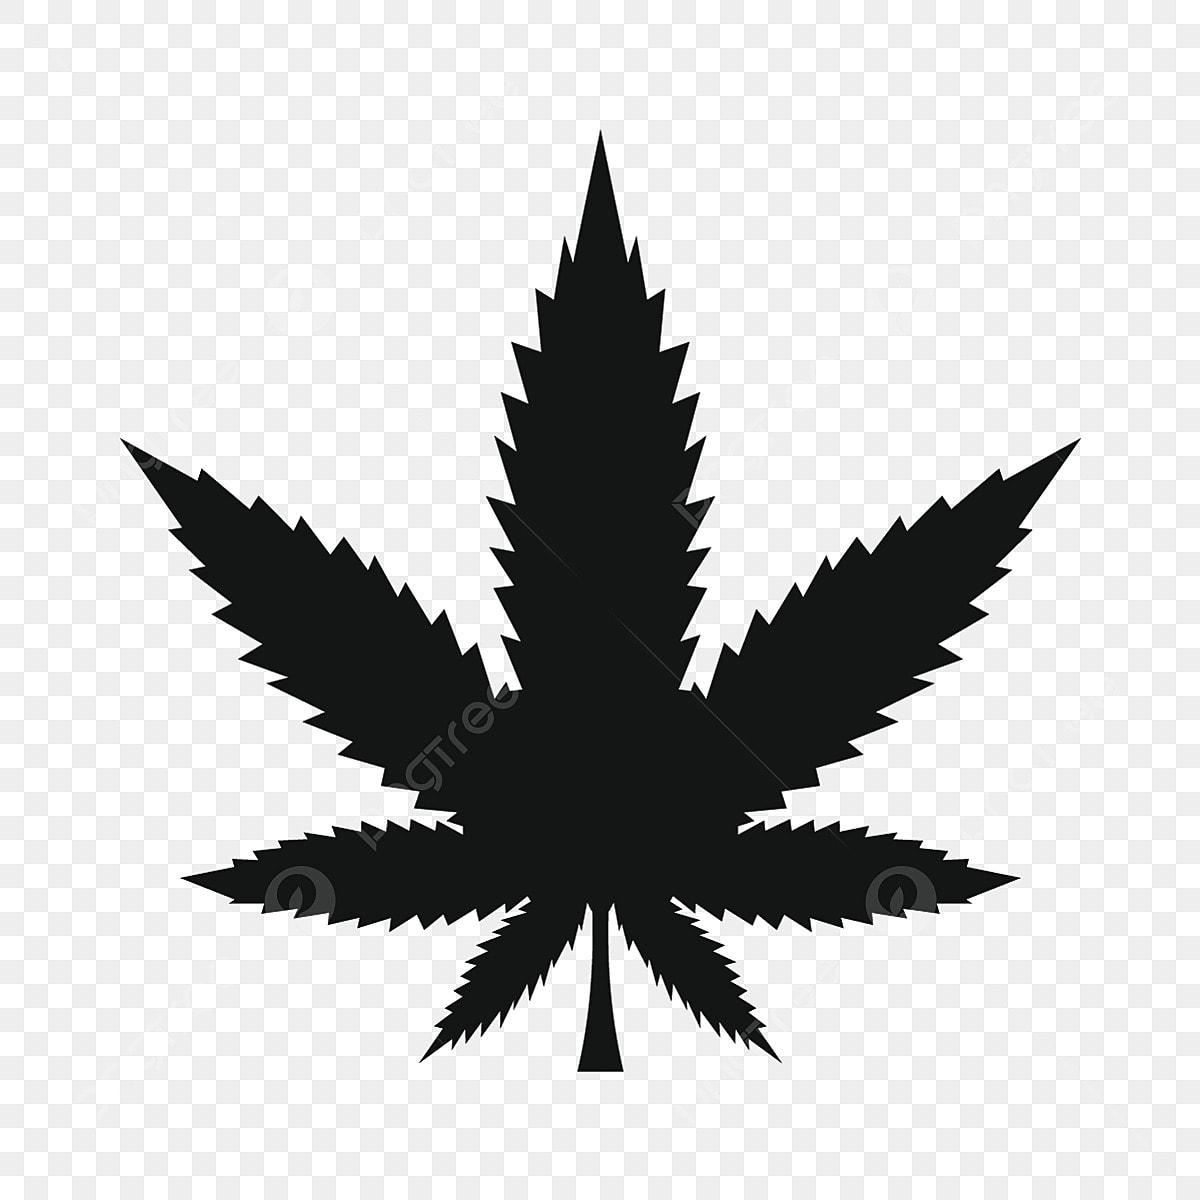 gambar ikon daun ganja mudah gaya mudah ikon daun ikon gaya ikon ringkas png dan vektor untuk muat turun percuma https ms pngtree com freepng cannabis leaf icon simple style 5151872 html